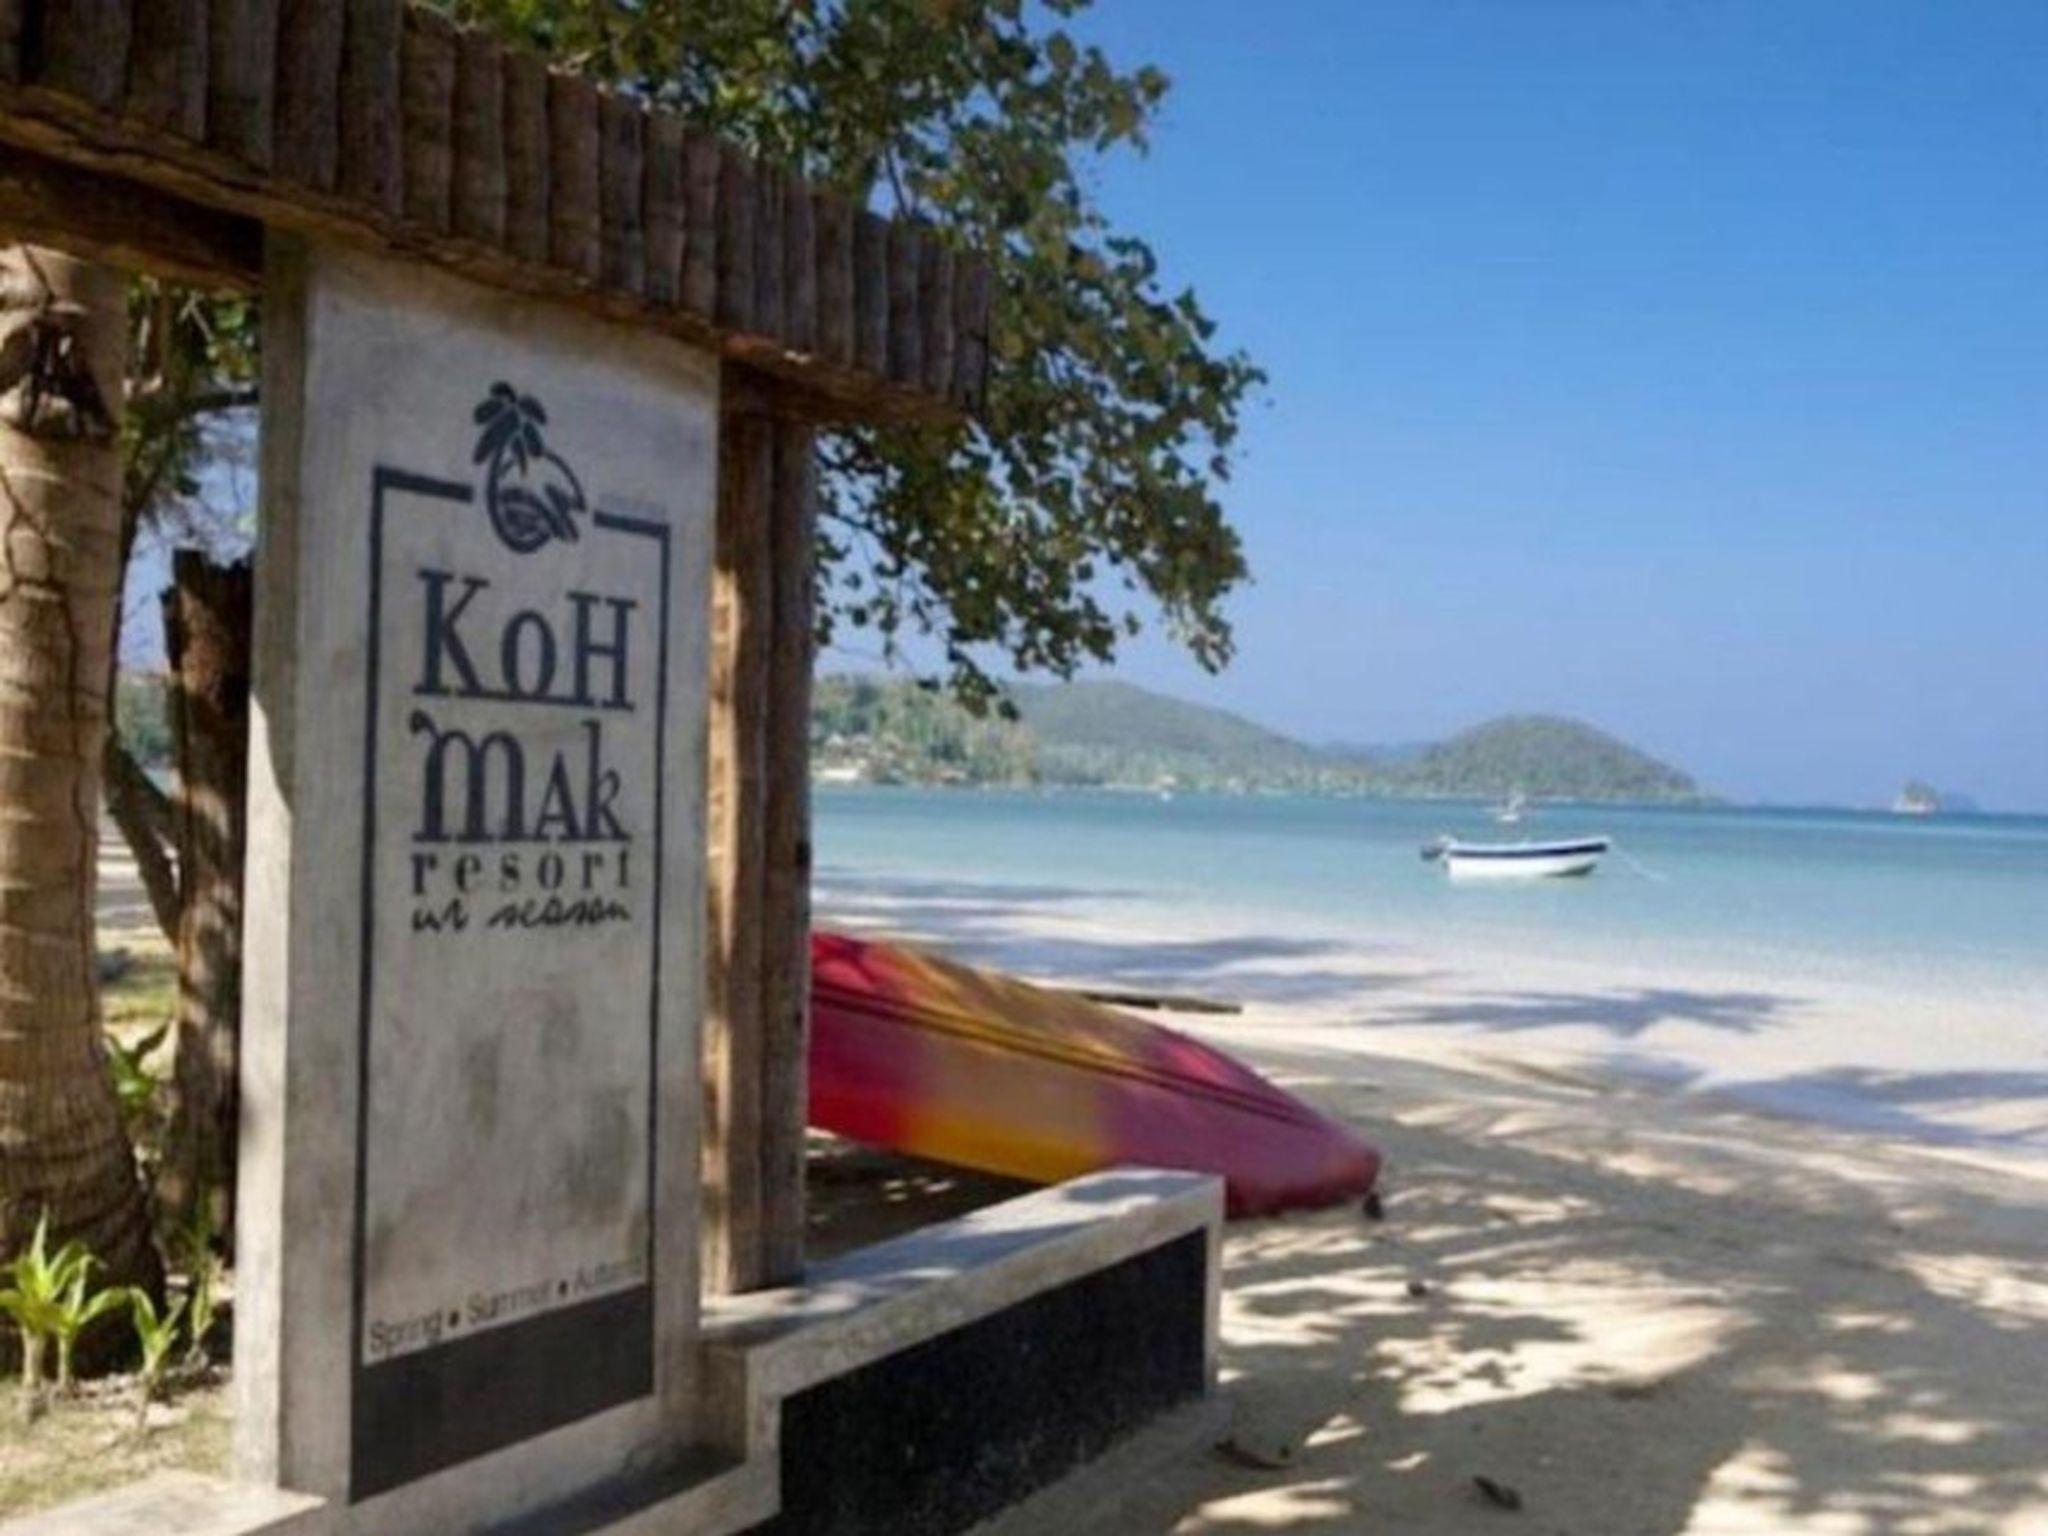 Koh Mak Resort เกาะหมาก รีสอร์ท